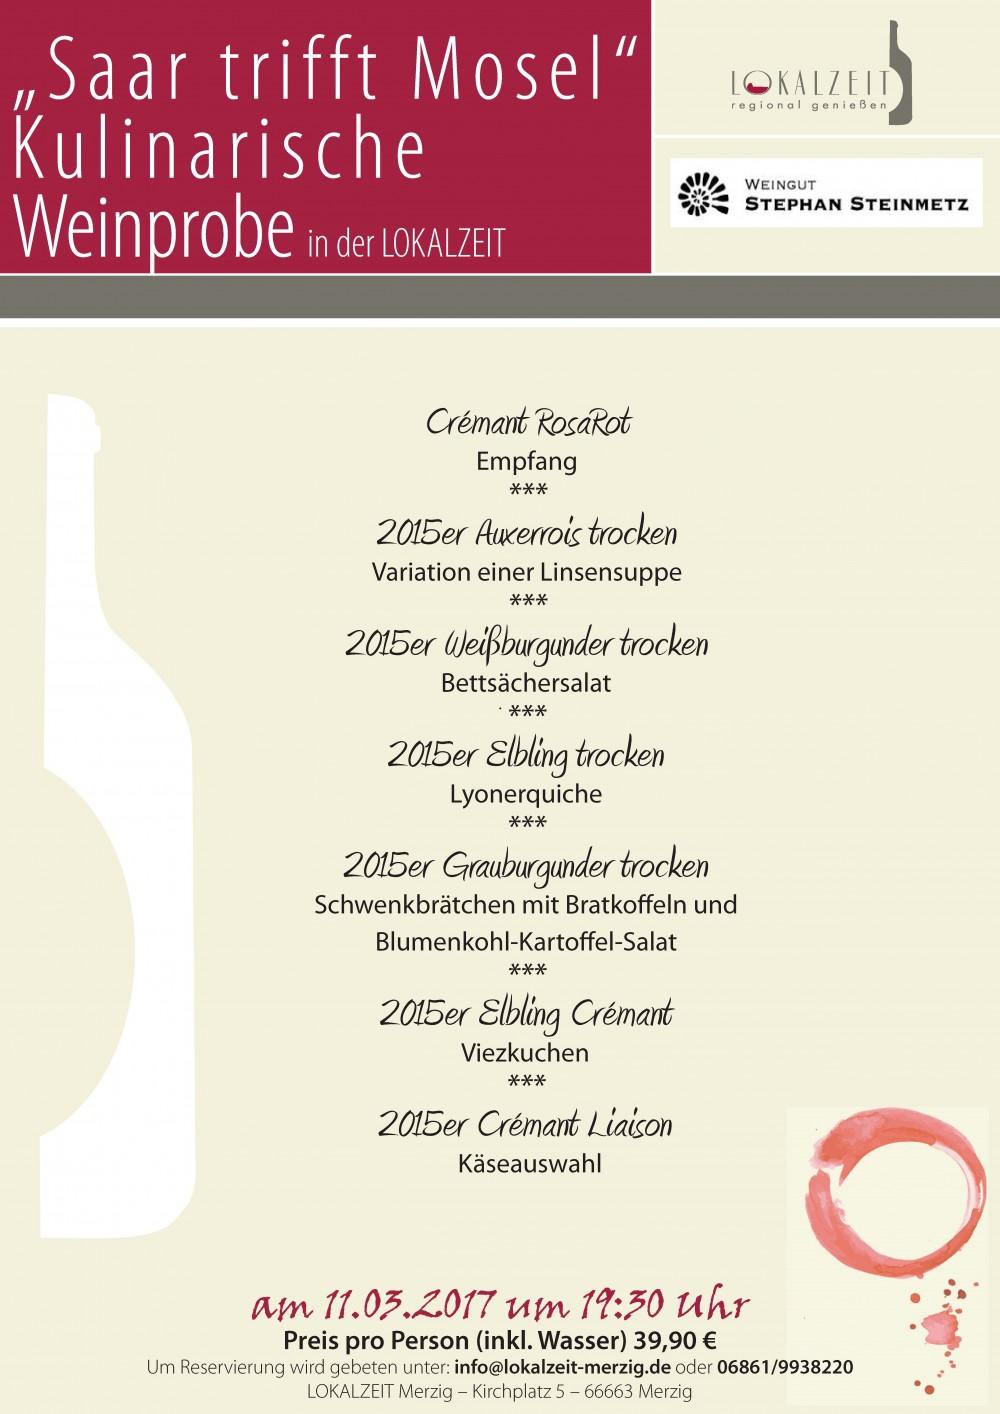 Weinprobe mit dem Weingut Stephan Steinmetz